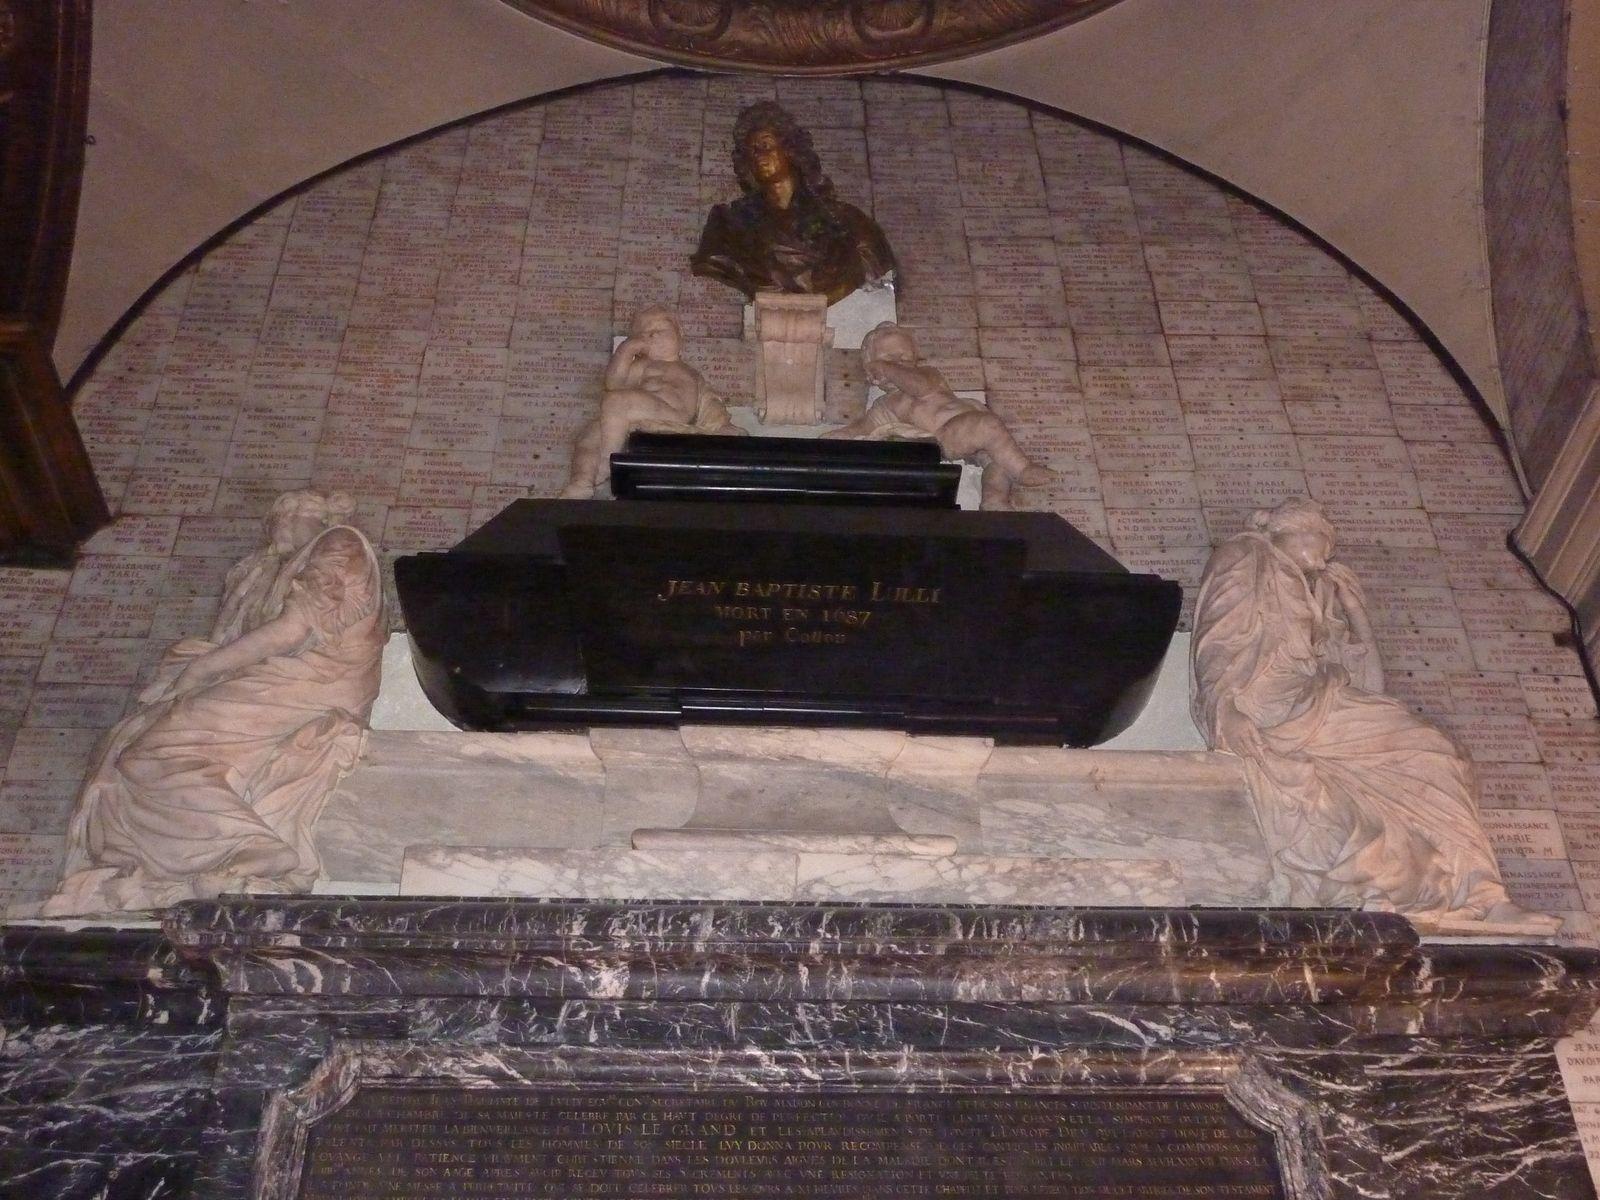 Lulli, compositeur à la cour de Louis XIV fut inhumé dans l'église Notre-Dame des Victoires